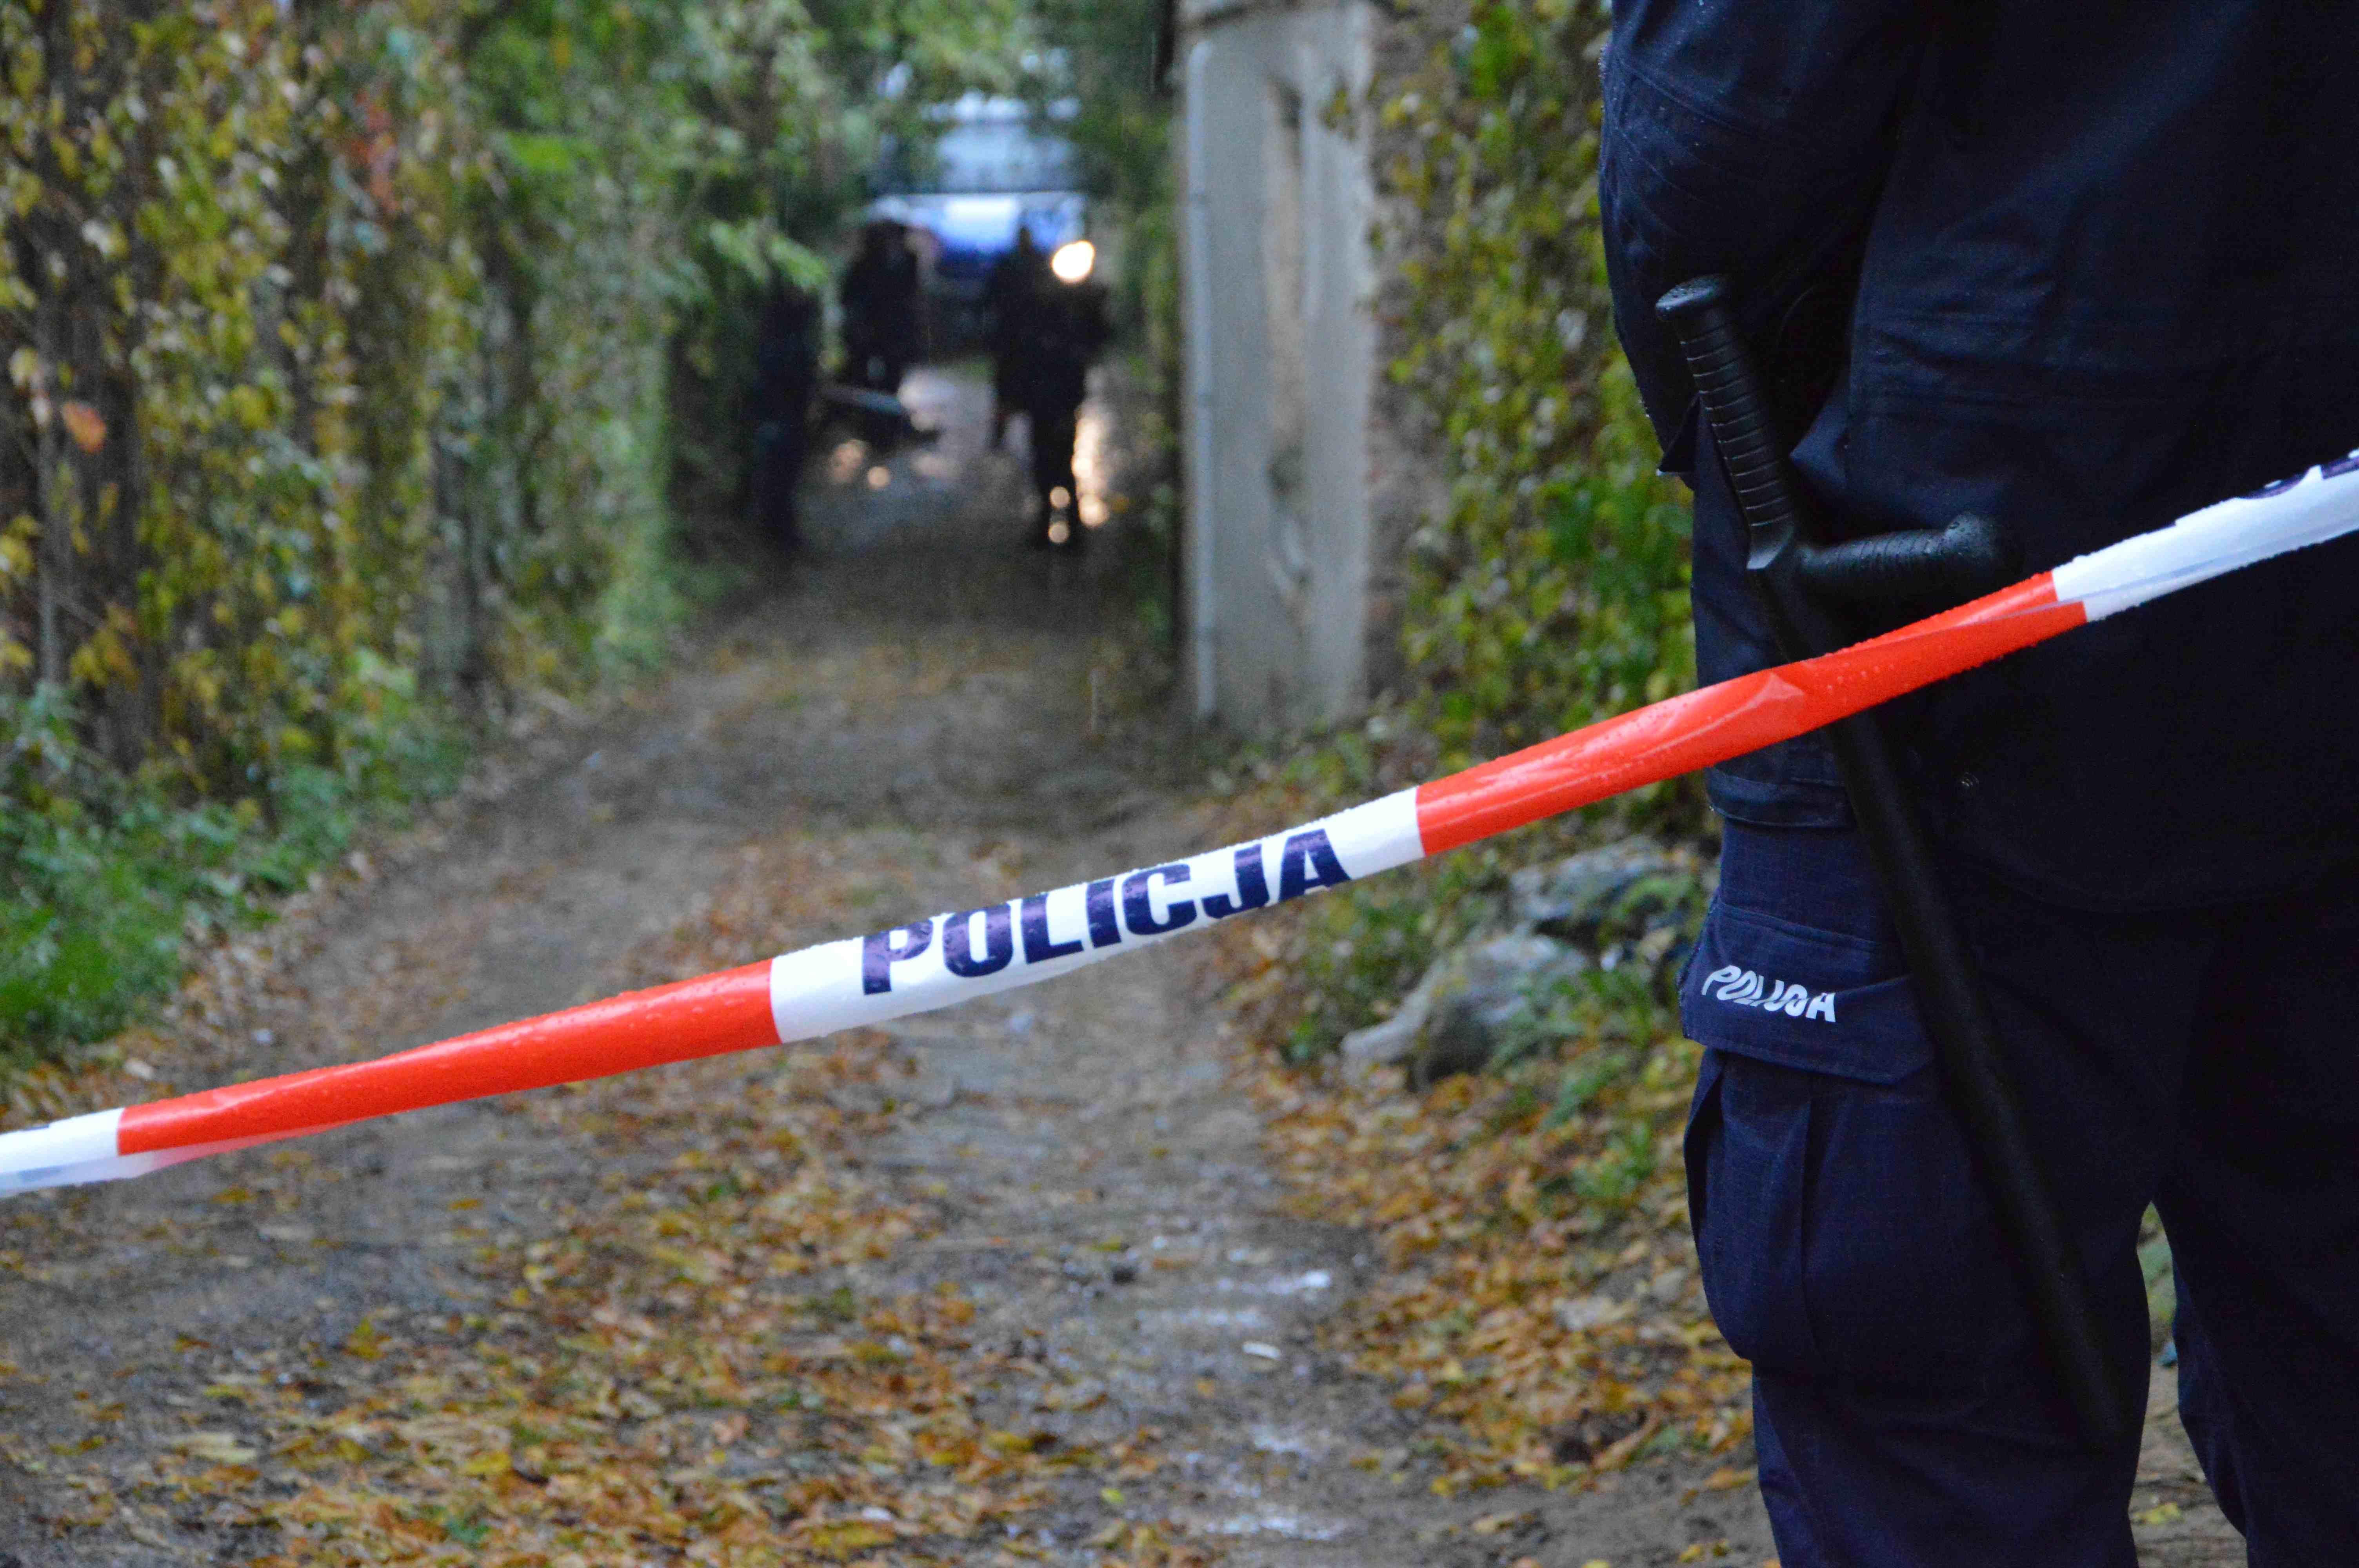 Lublin: Prokuratura postawiła matce zarzuty zabójstwa trójki dzieci. Kobieta się przyznała - Zdjęcie główne